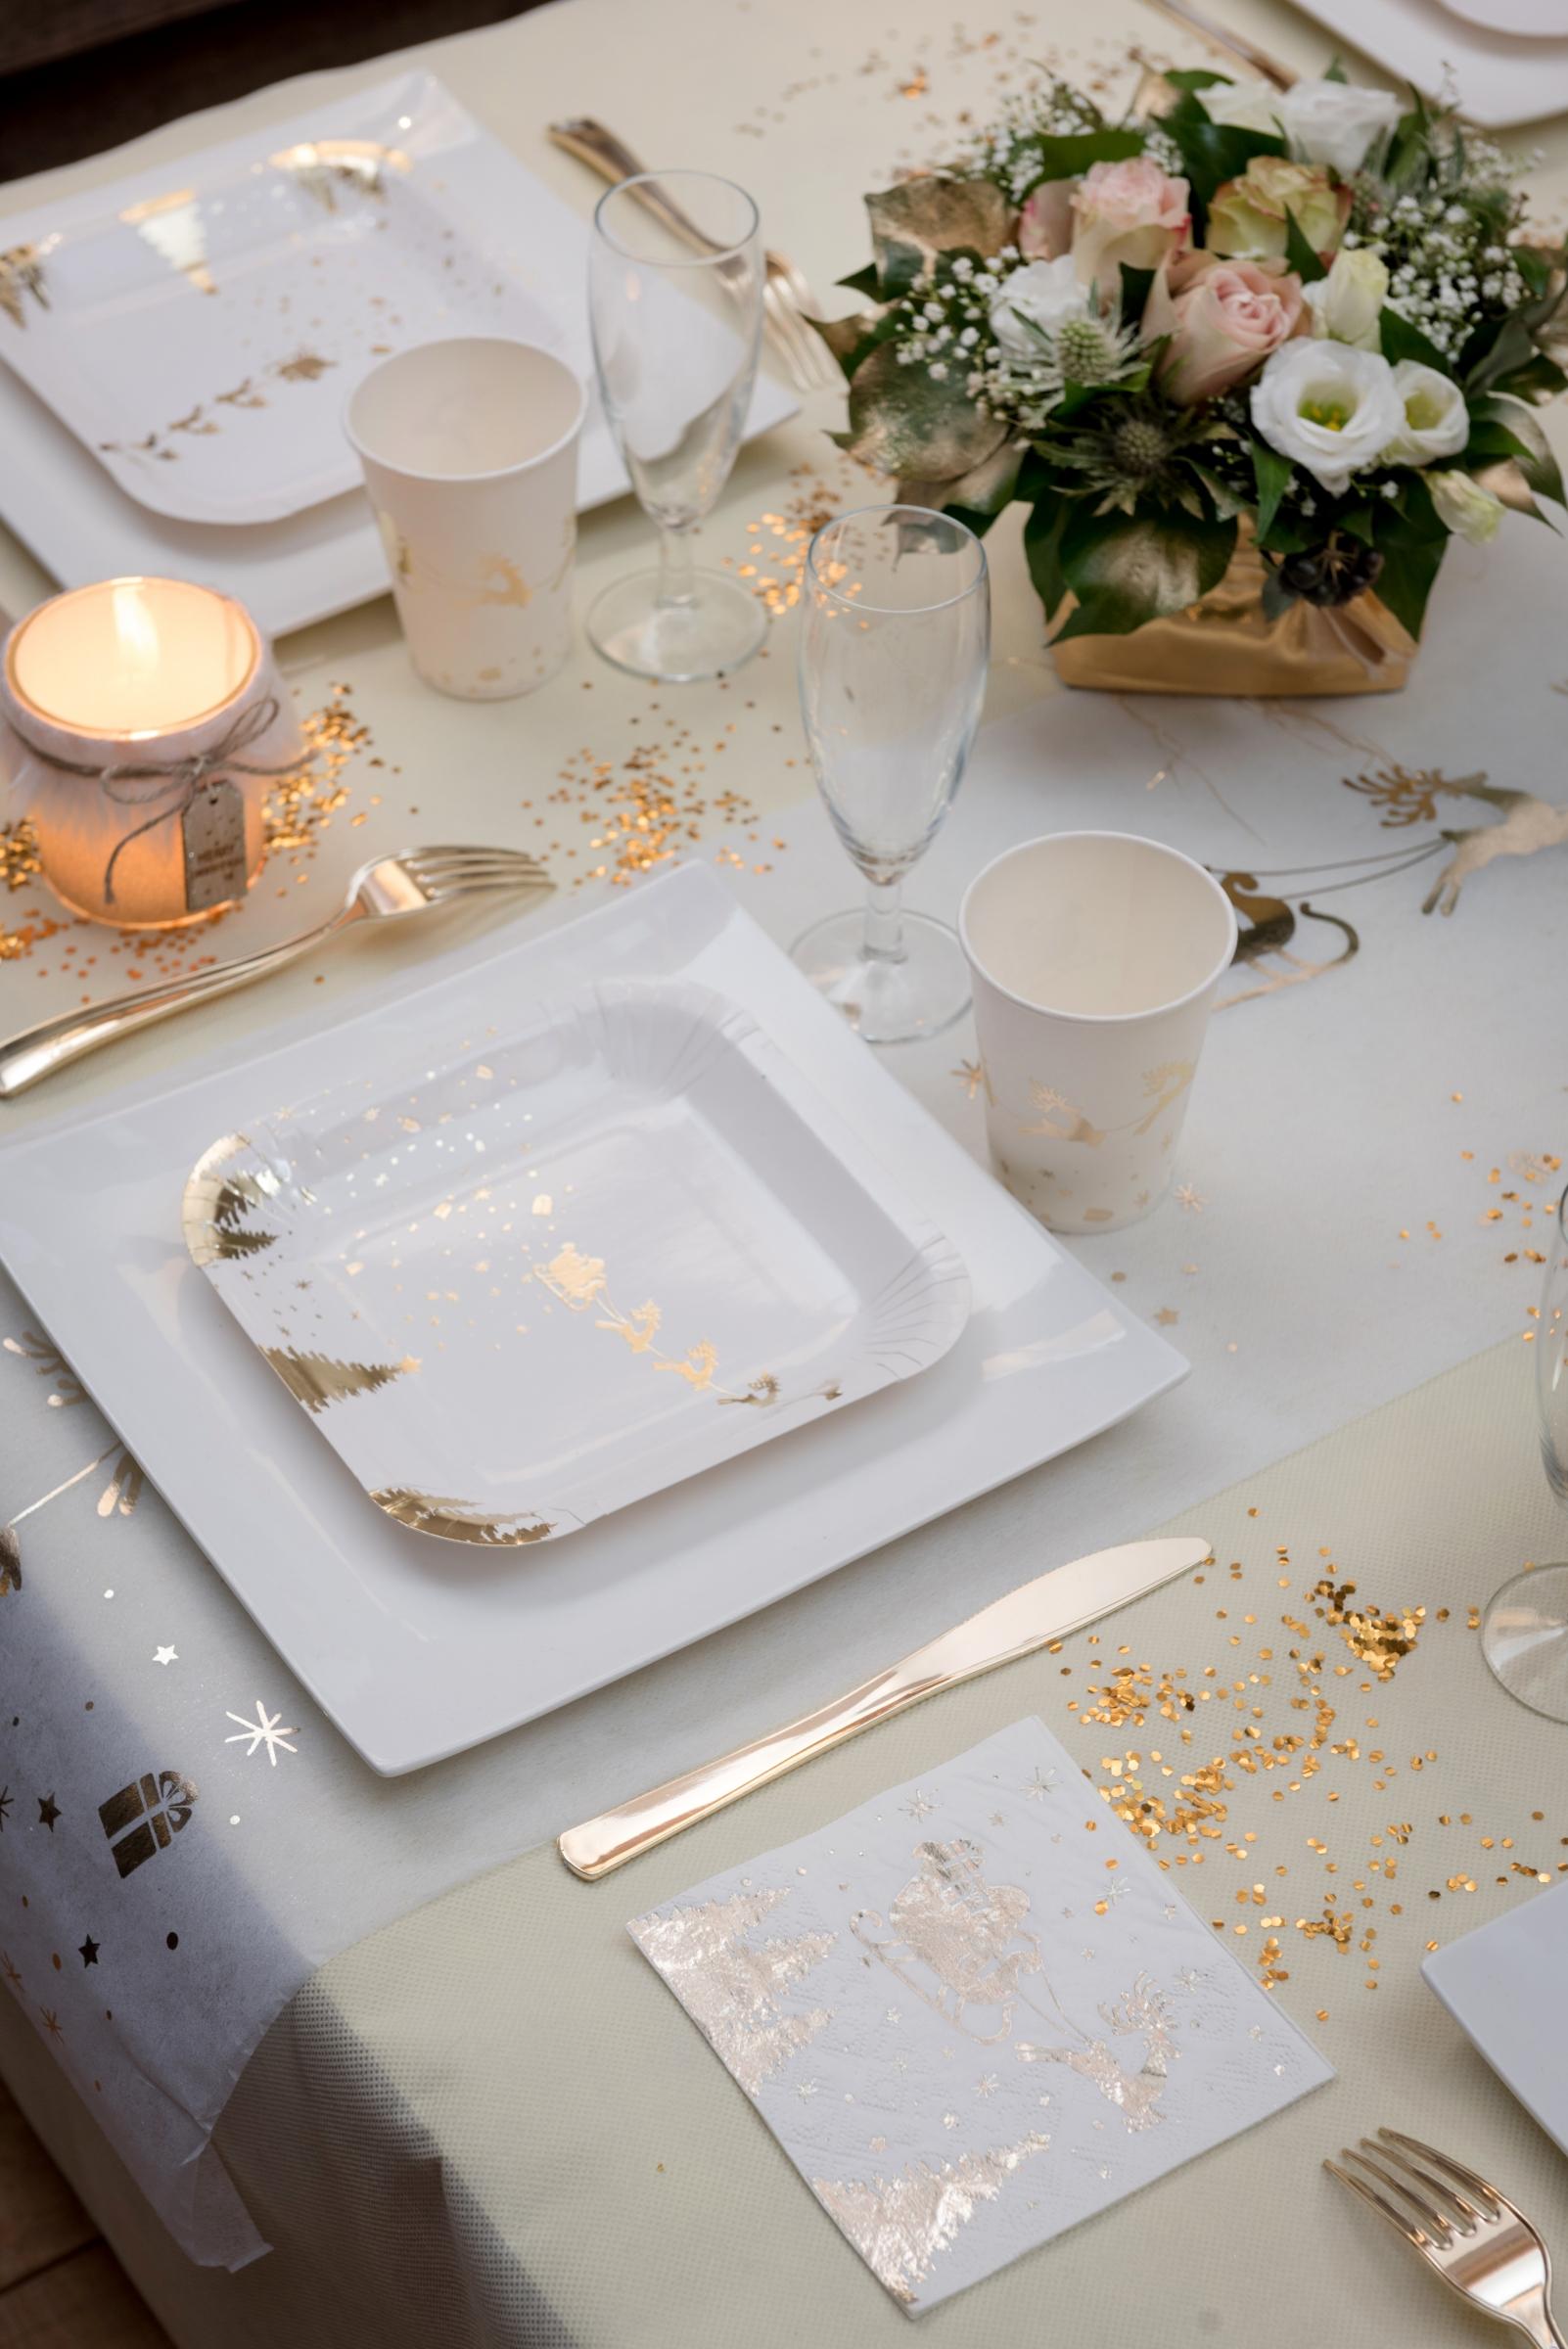 10 petites assiettes en carton tra neau du p re no l blanc. Black Bedroom Furniture Sets. Home Design Ideas